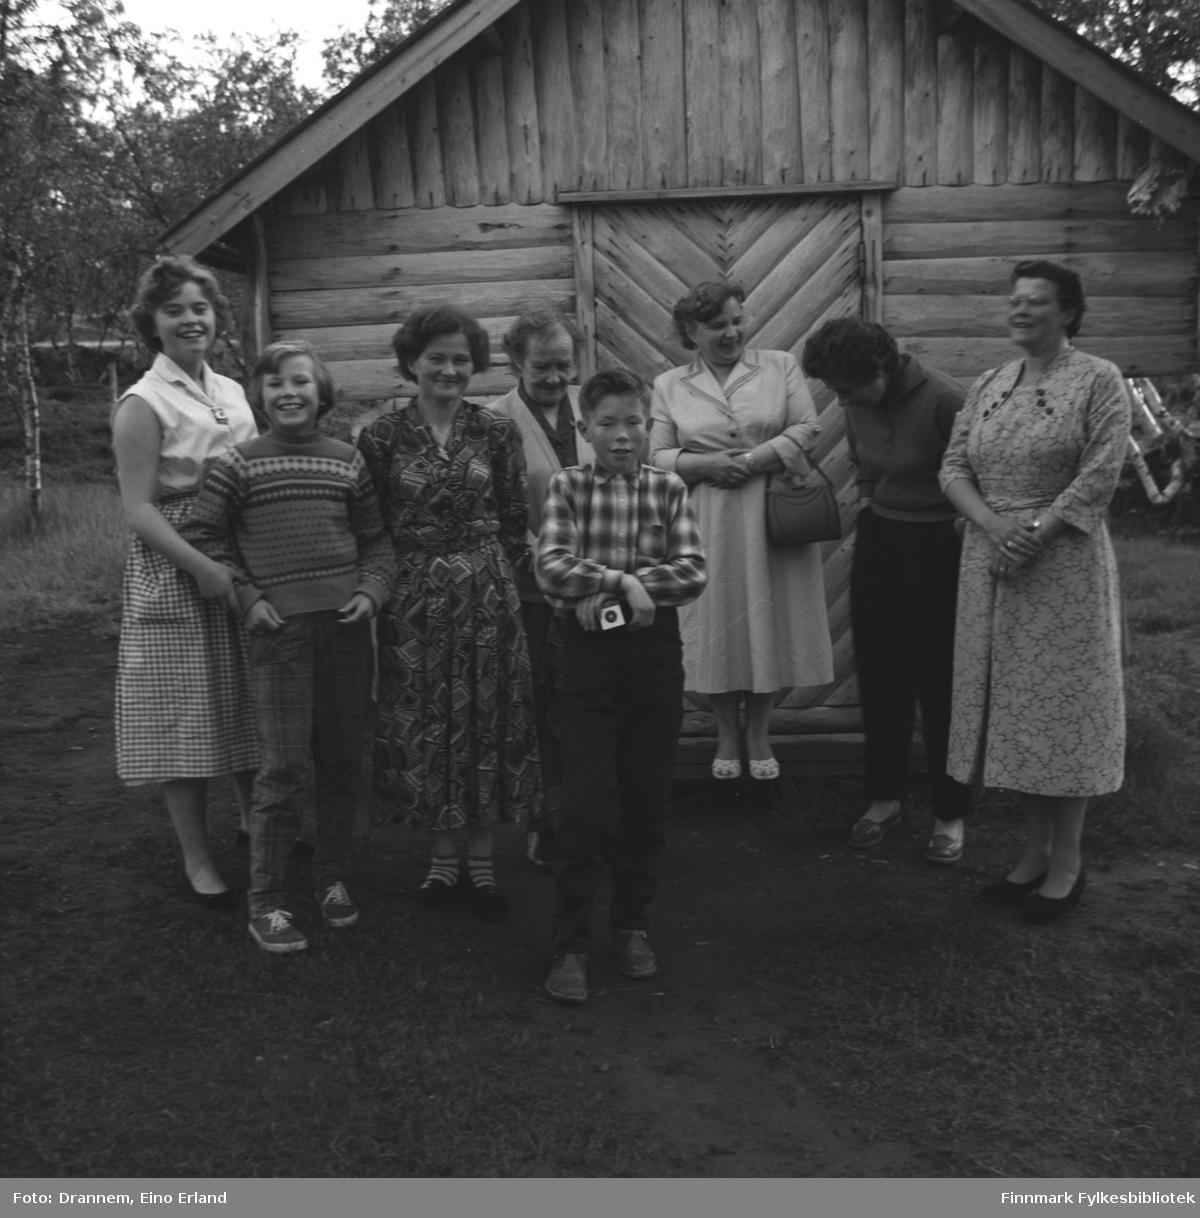 Gruppeportrett av (fra venstre) Svanhild, Mary, Alette og Magnar Karikoski, Inga Arvola, Reidun Vorren, Jenny Drannem og (?) i Neiden